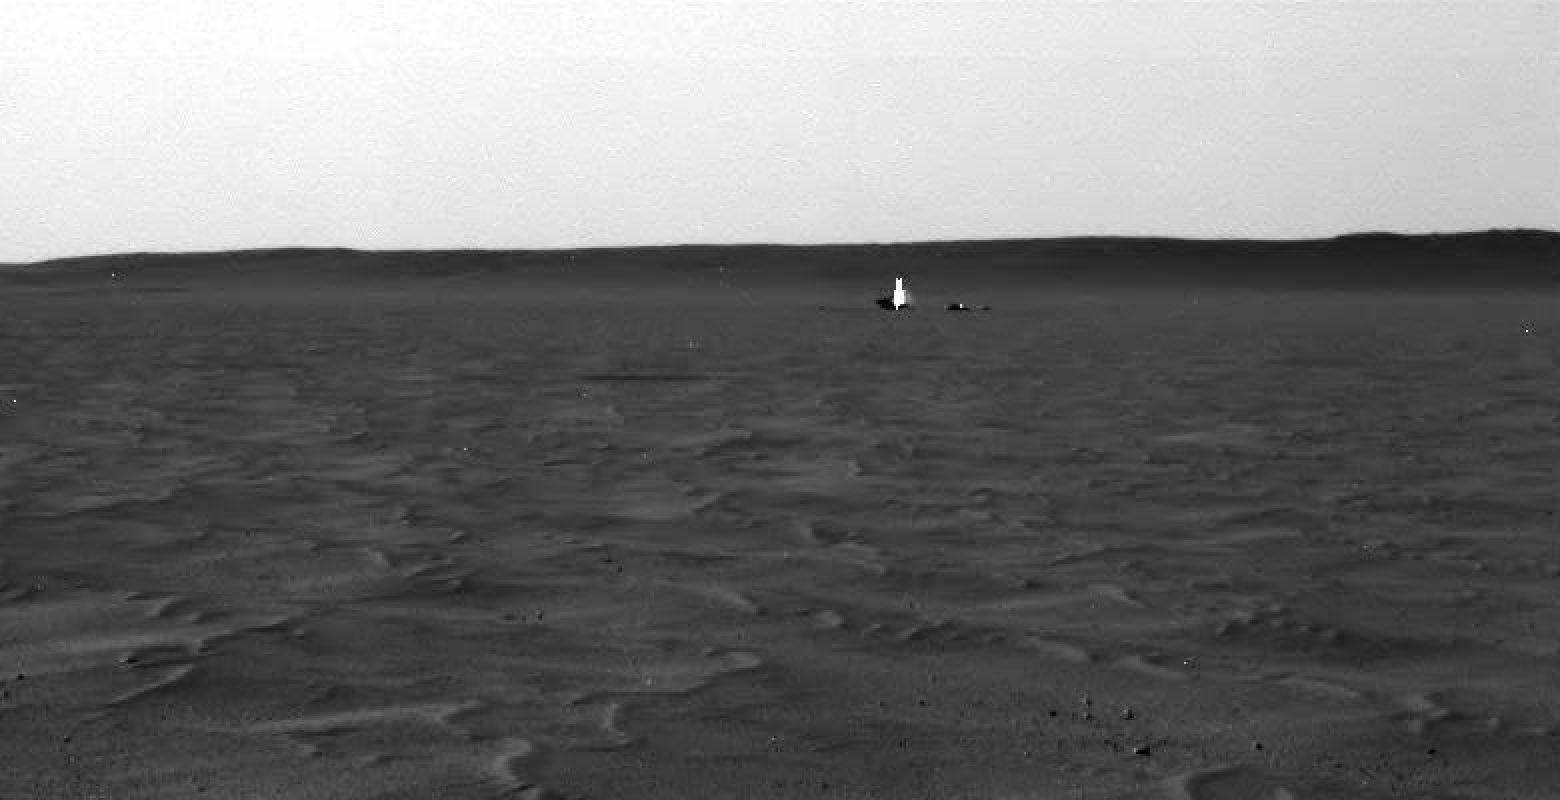 Замеченный на Марсе призрак, шокировавший общественность, ввёл в ступор исследователей